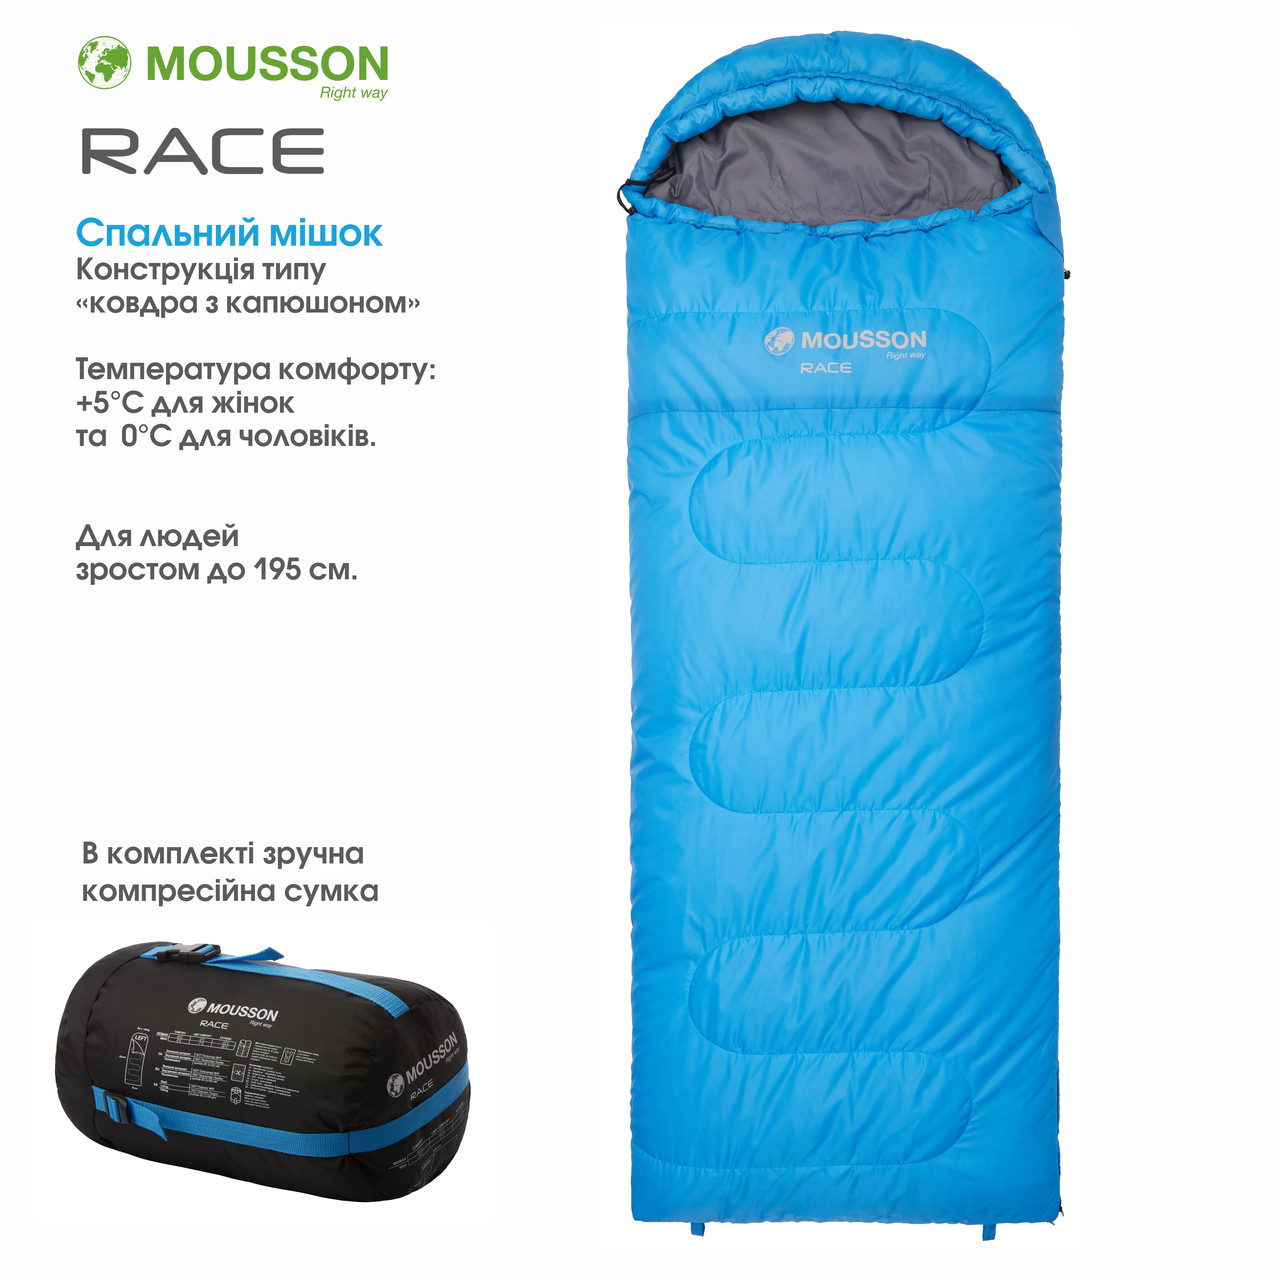 Спальный мешок MOUSSON RACE L